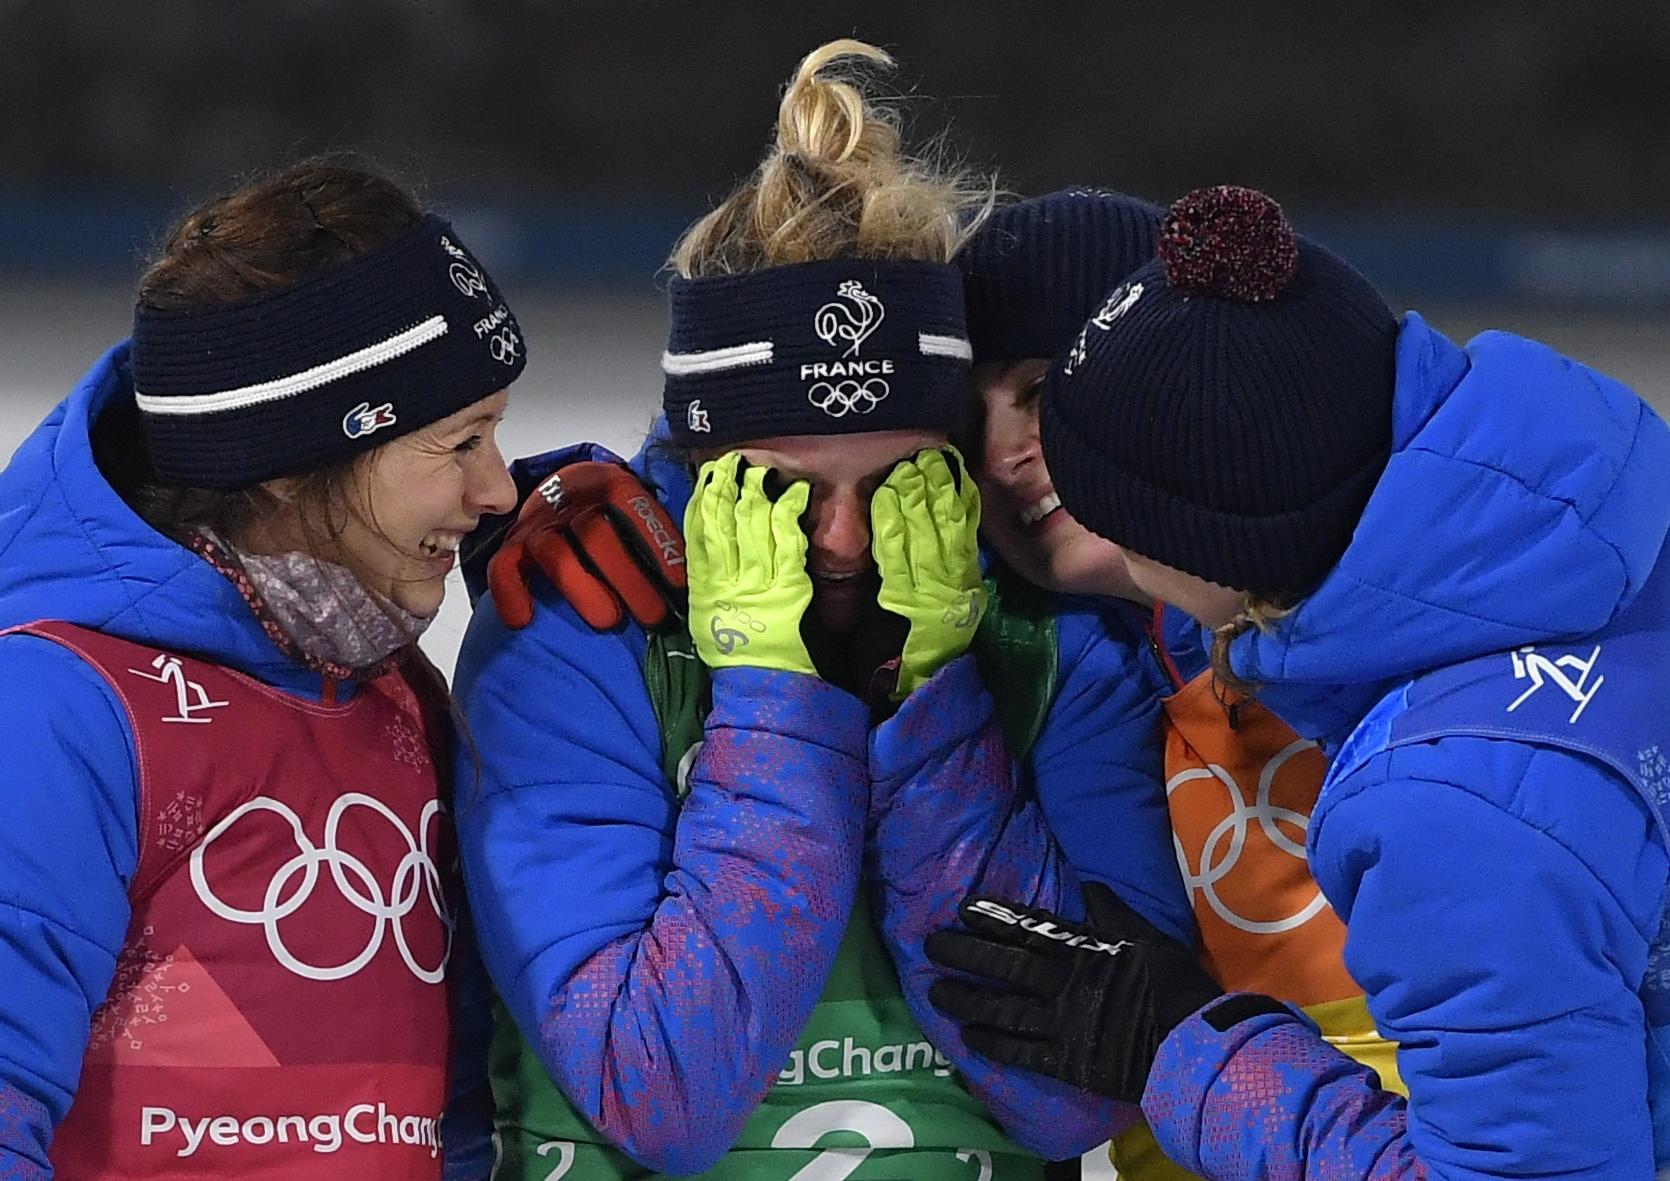 Jeux olympiques - Pyeongchang 2018 - Dorin-Habert : «Il n'y a pas que Fourcade dans cette équipe»